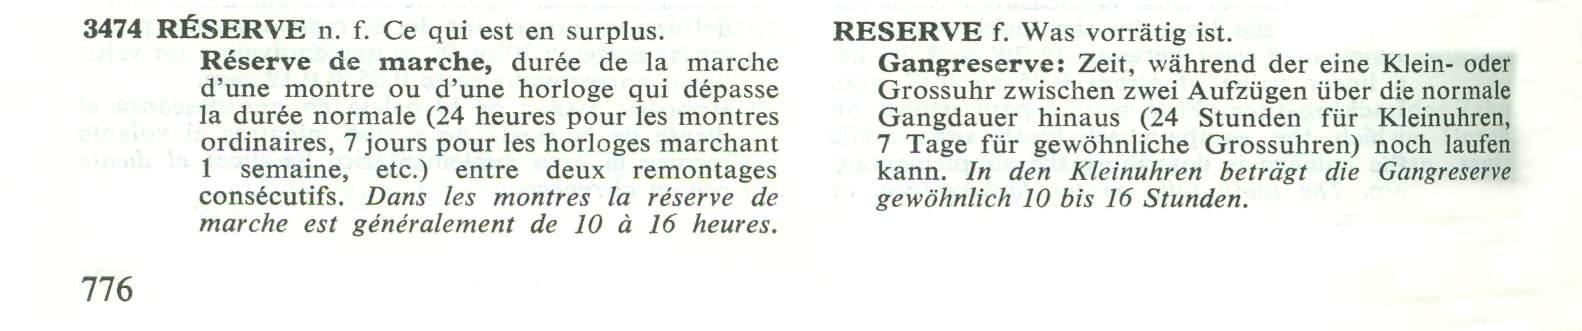 Georges Albert Berner Illustriertes Wörterbuch der Uhrmacherei Gangreserve